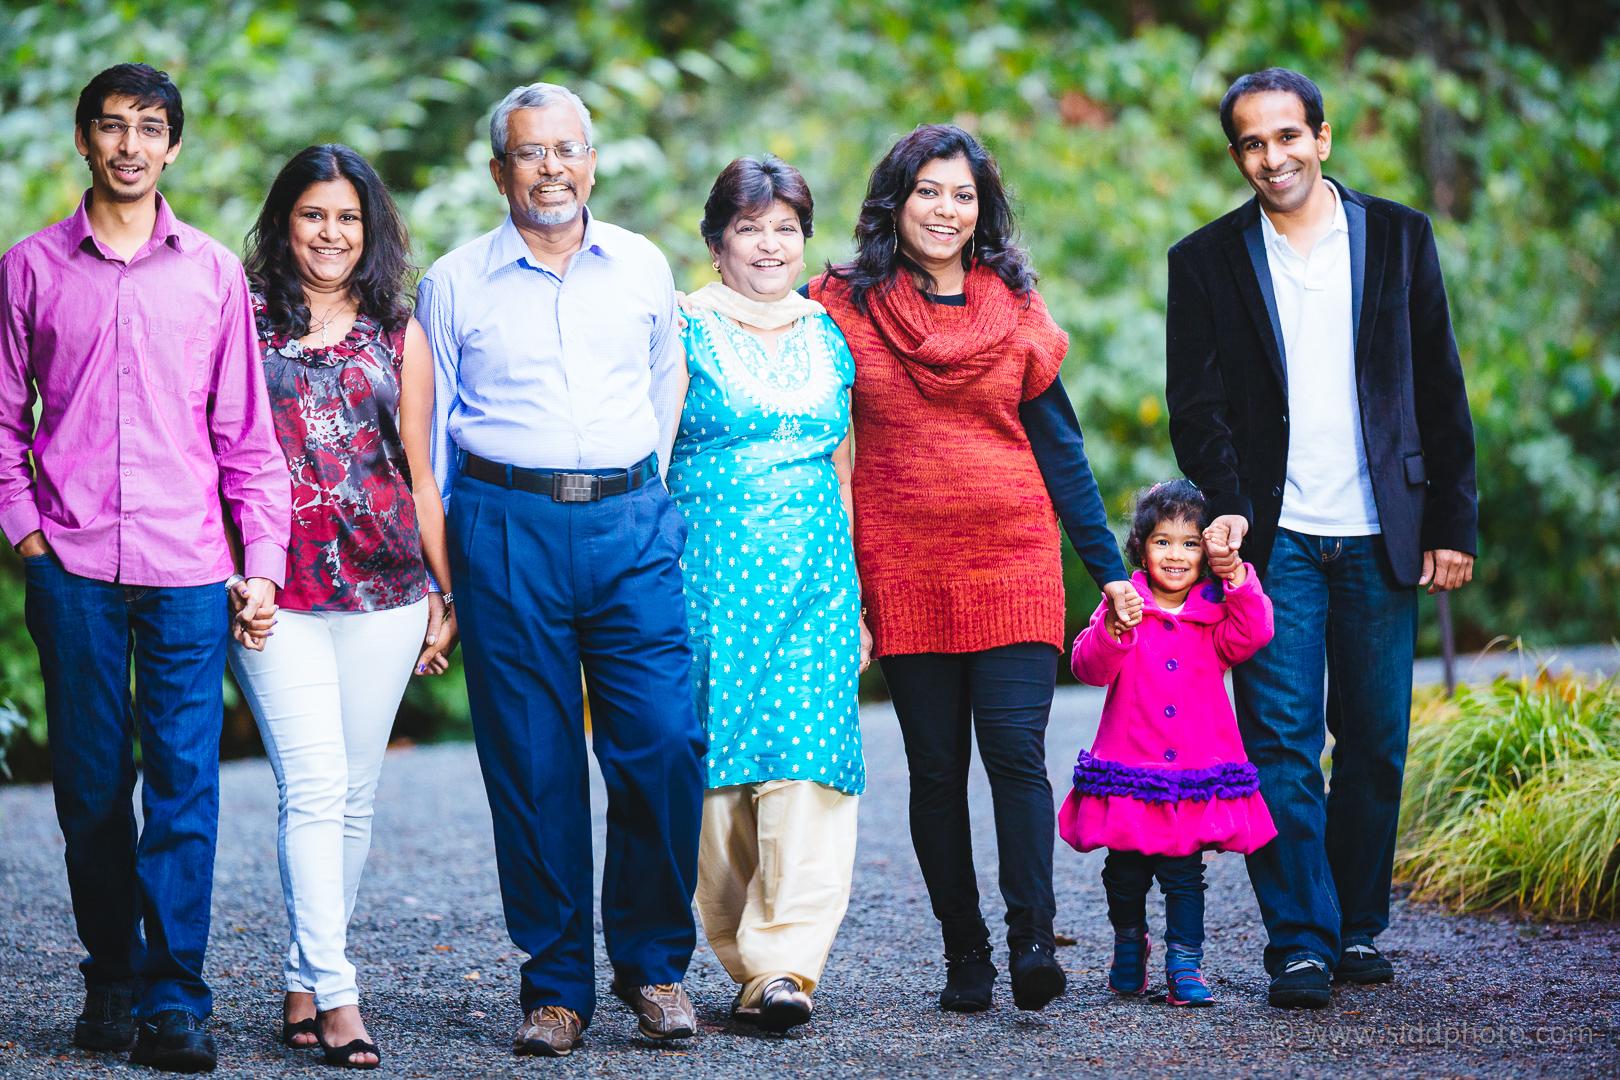 2014-10-24 - 2014-10-25 - Mugdha Aniruddha Family - _O5C7436